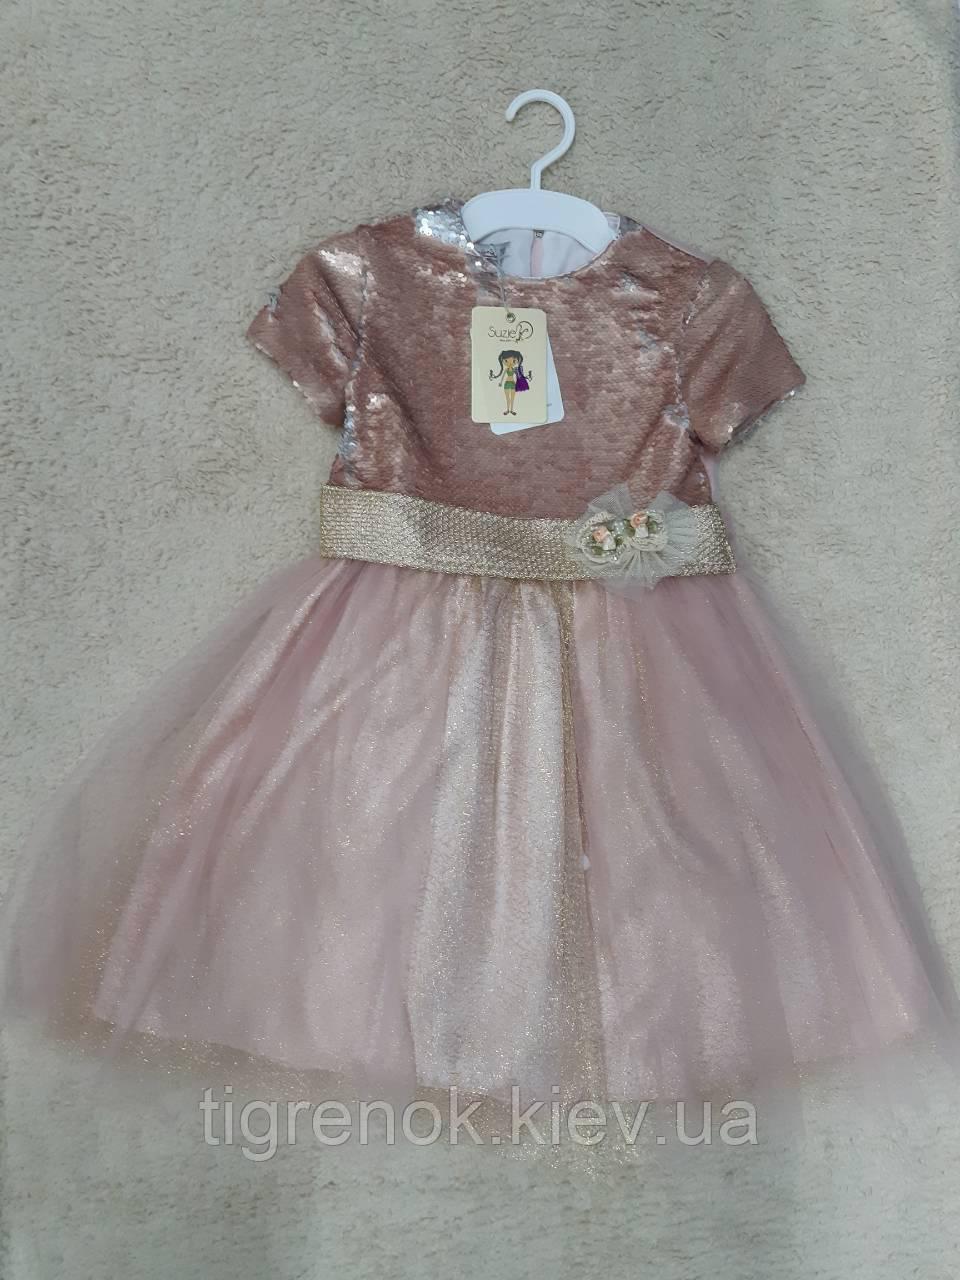 e85c1187e56 Нарядное платье